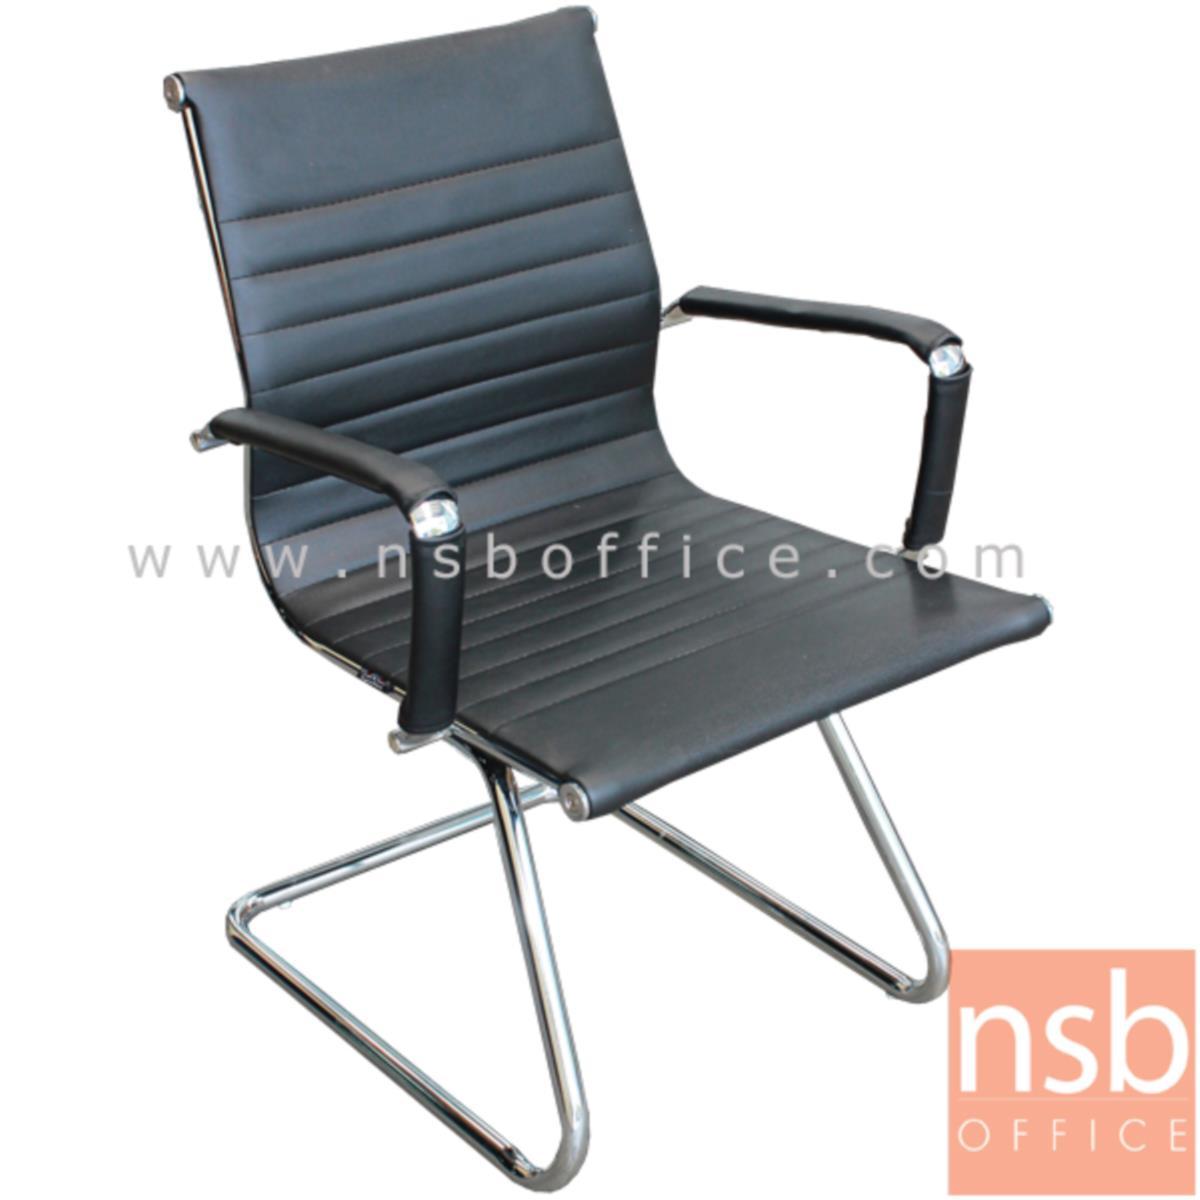 B04A134:เก้าอี้รับแขกขาตัวซี รุ่น Cyclop (ไซคลอป)  ขาเหล็กชุบโครเมี่ยม